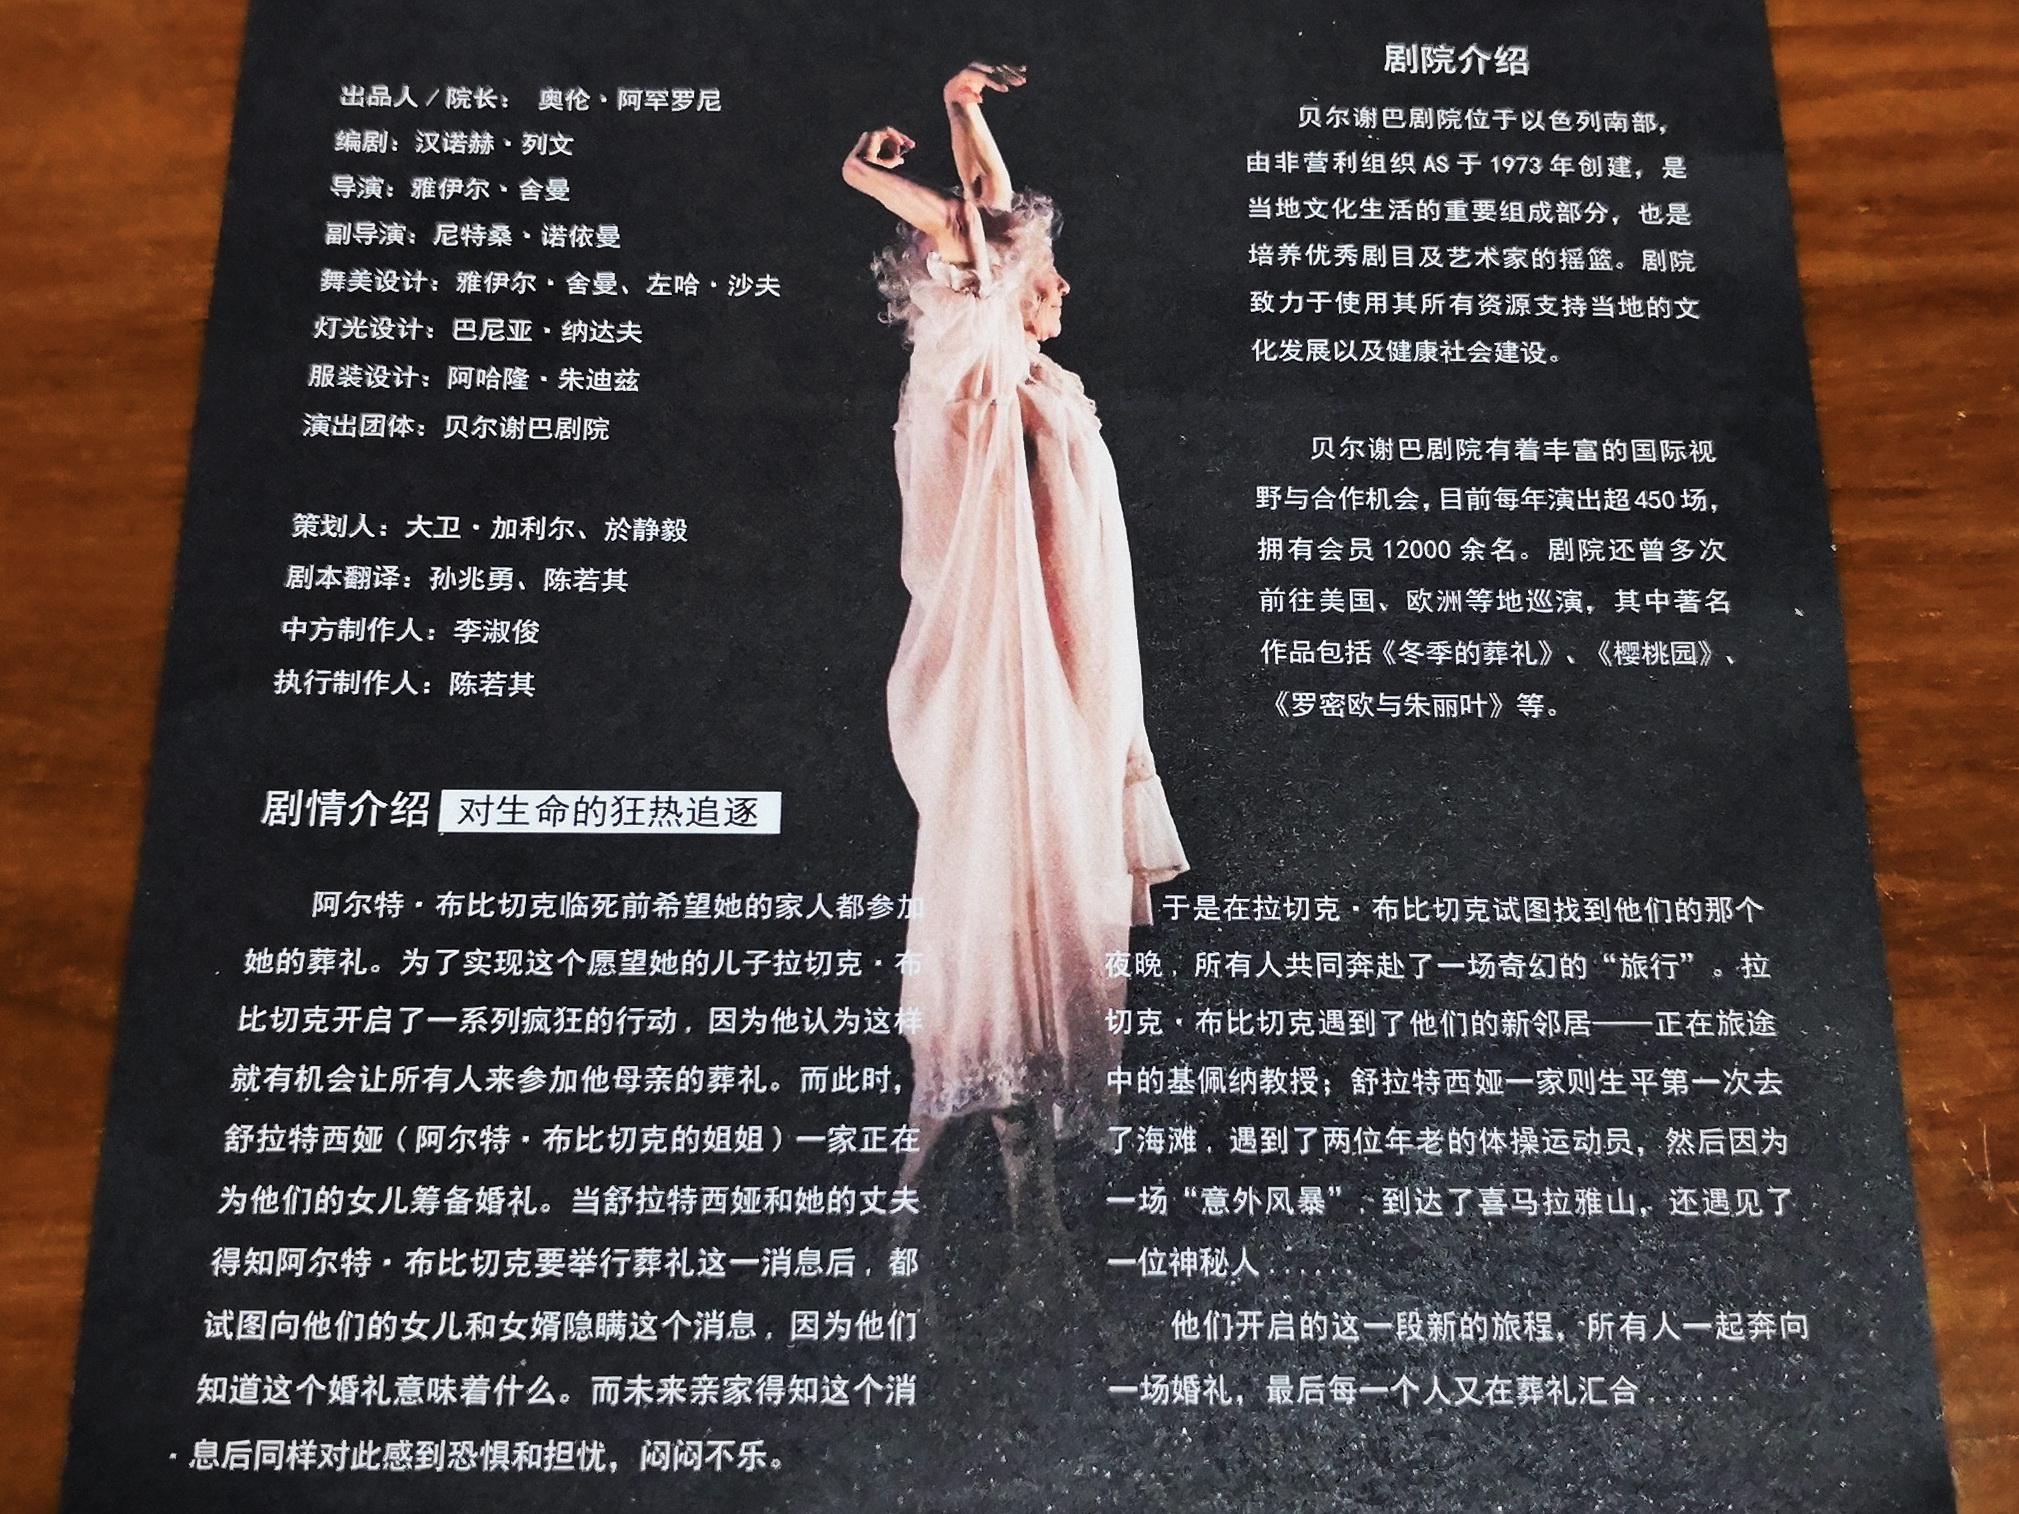 הלוויה חורפית - תוכניה סינית